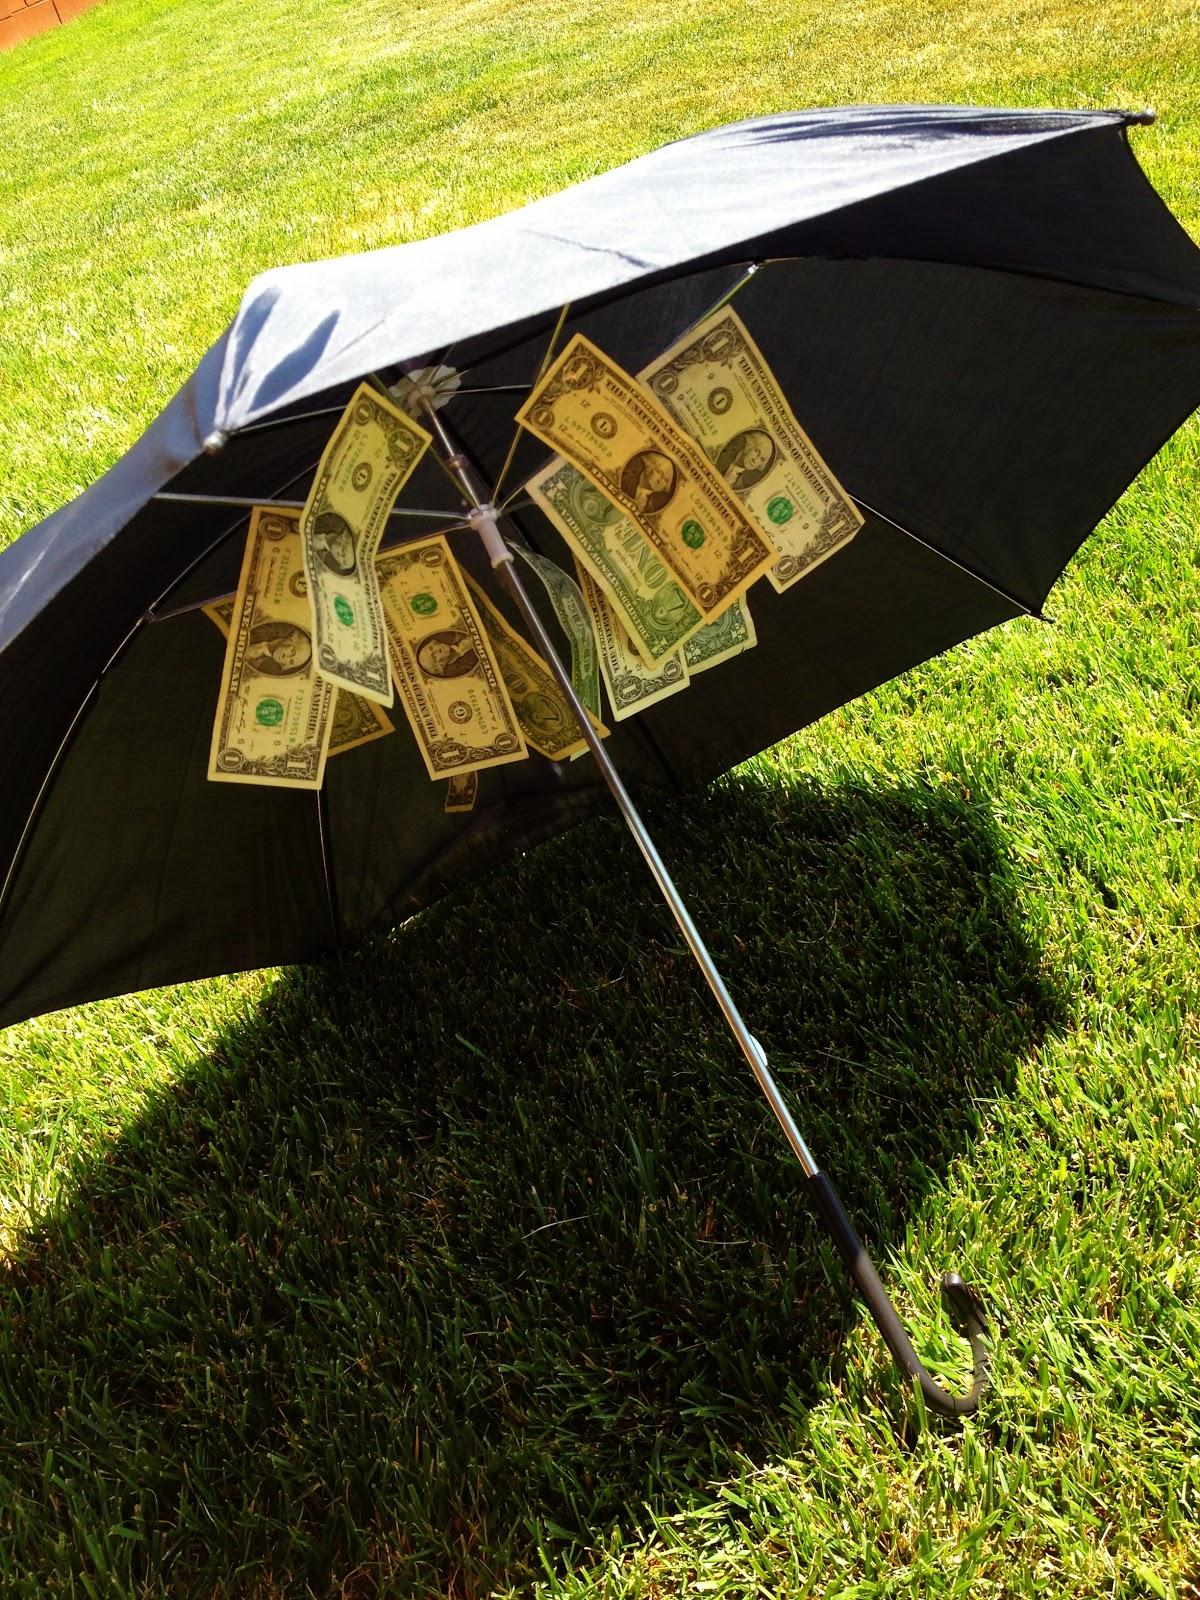 поздравления с днем рождения с зонтиком и деньгами погоде, готовы тому